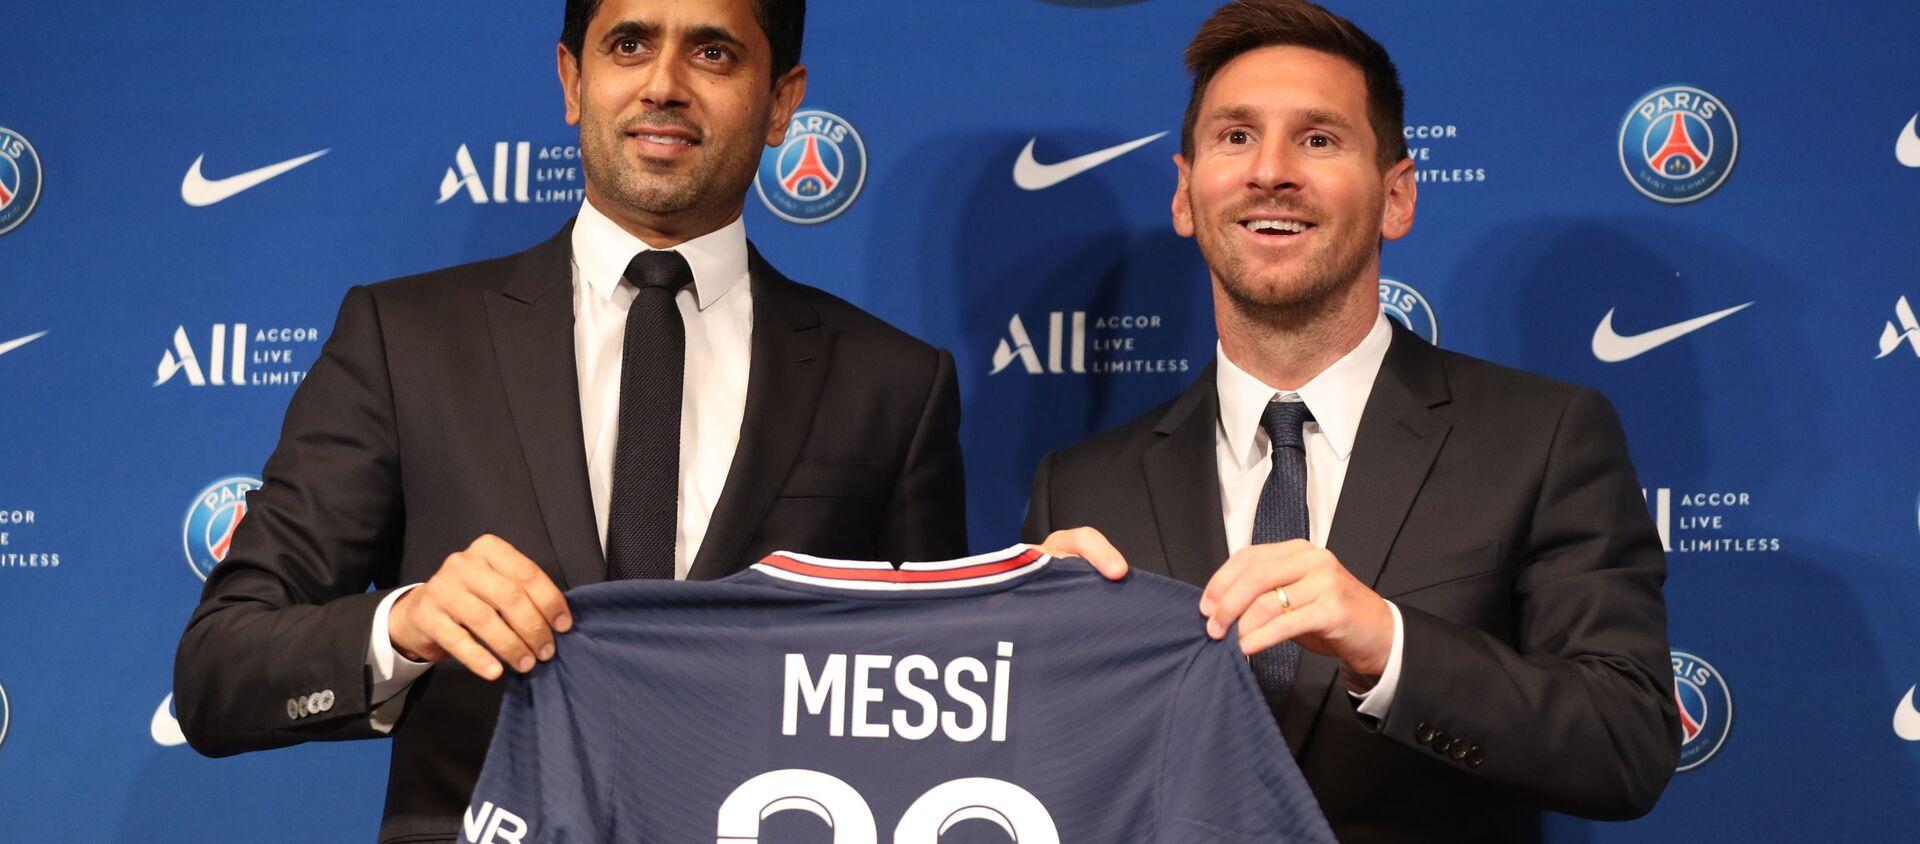 Lionel Messi và Chủ tịch Câu lạc bộ Nasser Al-Helaifi Paris Saint-Germain trong một cuộc họp báo - Sputnik Việt Nam, 1920, 11.08.2021